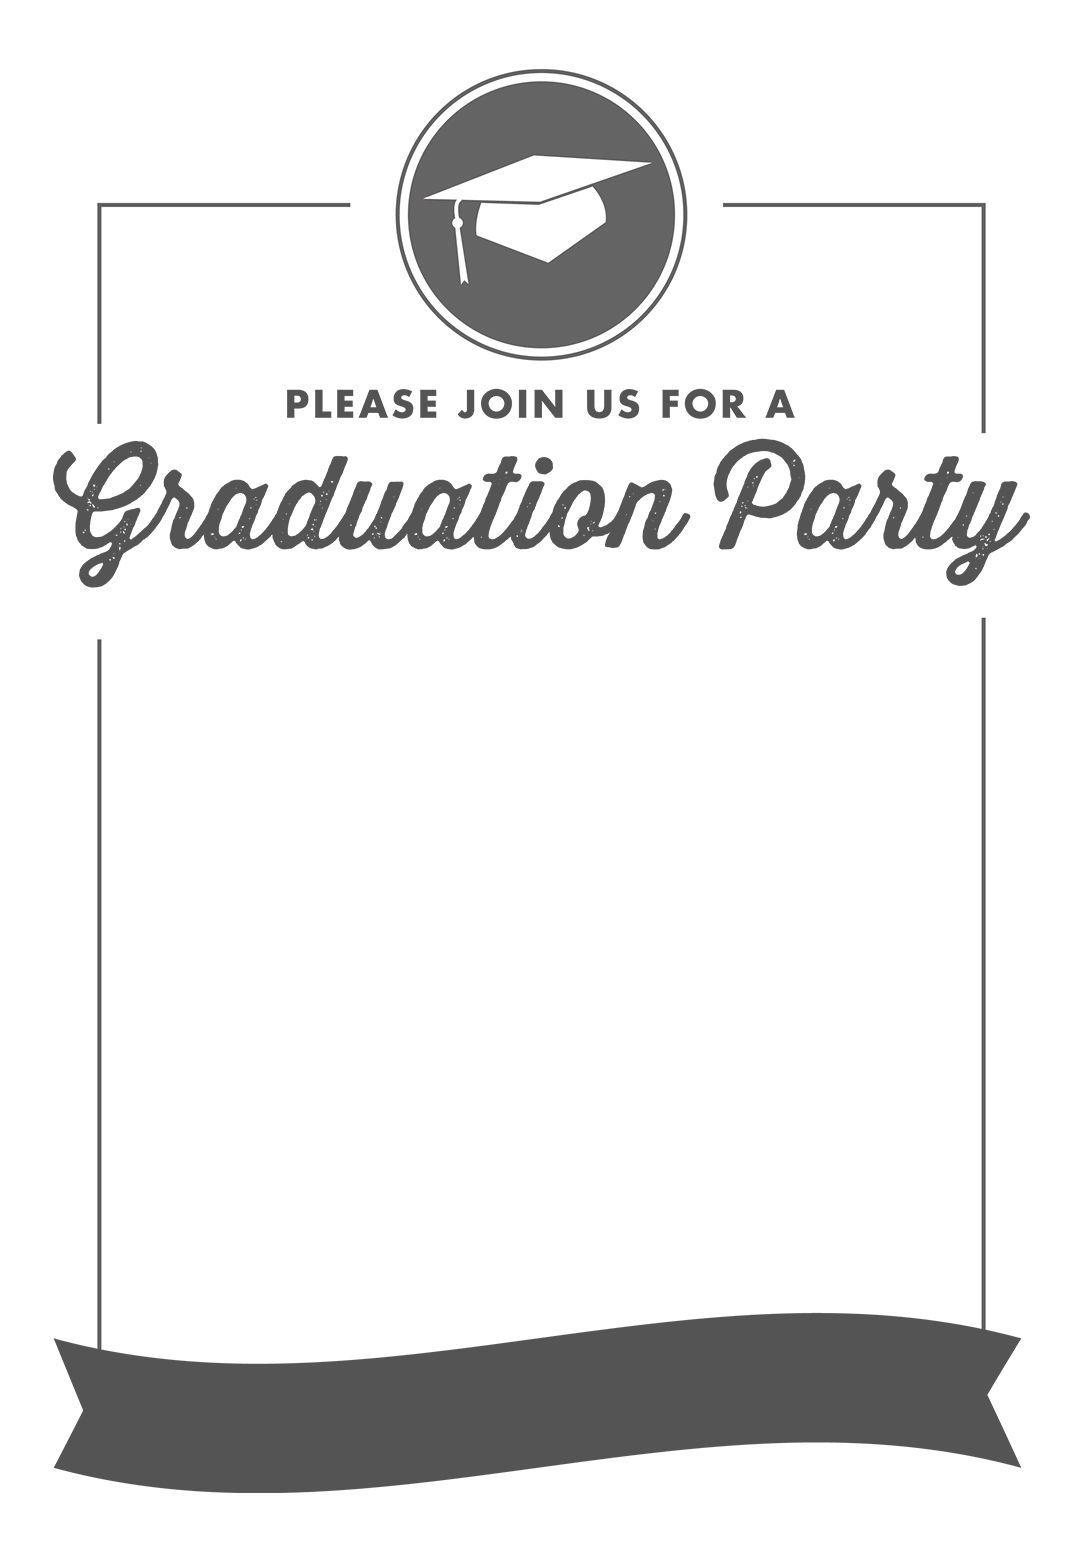 001 Unique Graduation Party Invitation Template Photo  Templates 4 Per Page Free ReceptionFull